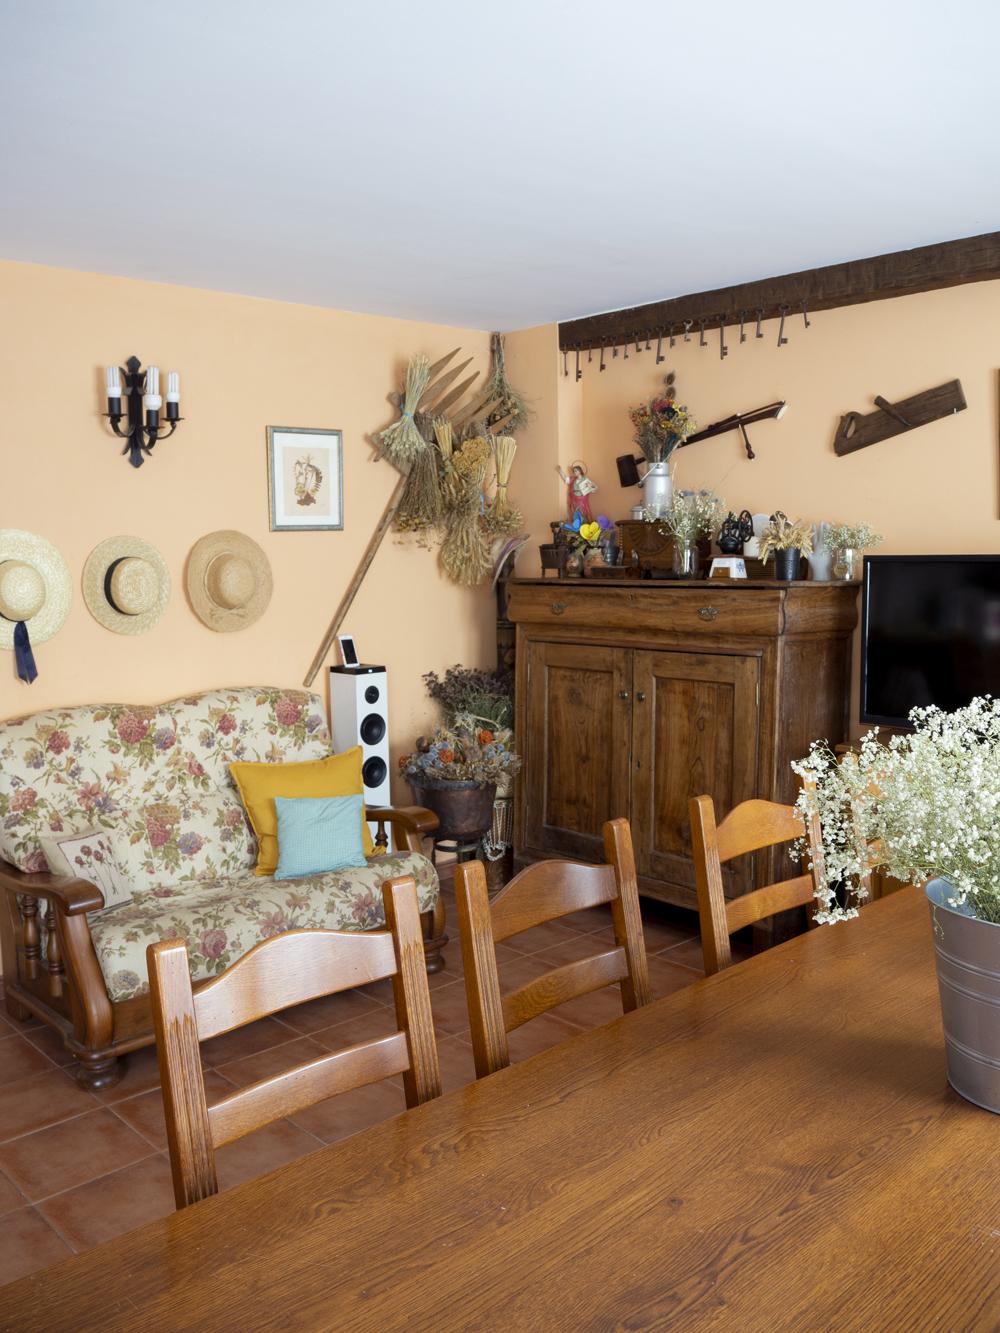 ¿Qué debe tener un espacio para celebrar en casa_Decorar en familia12